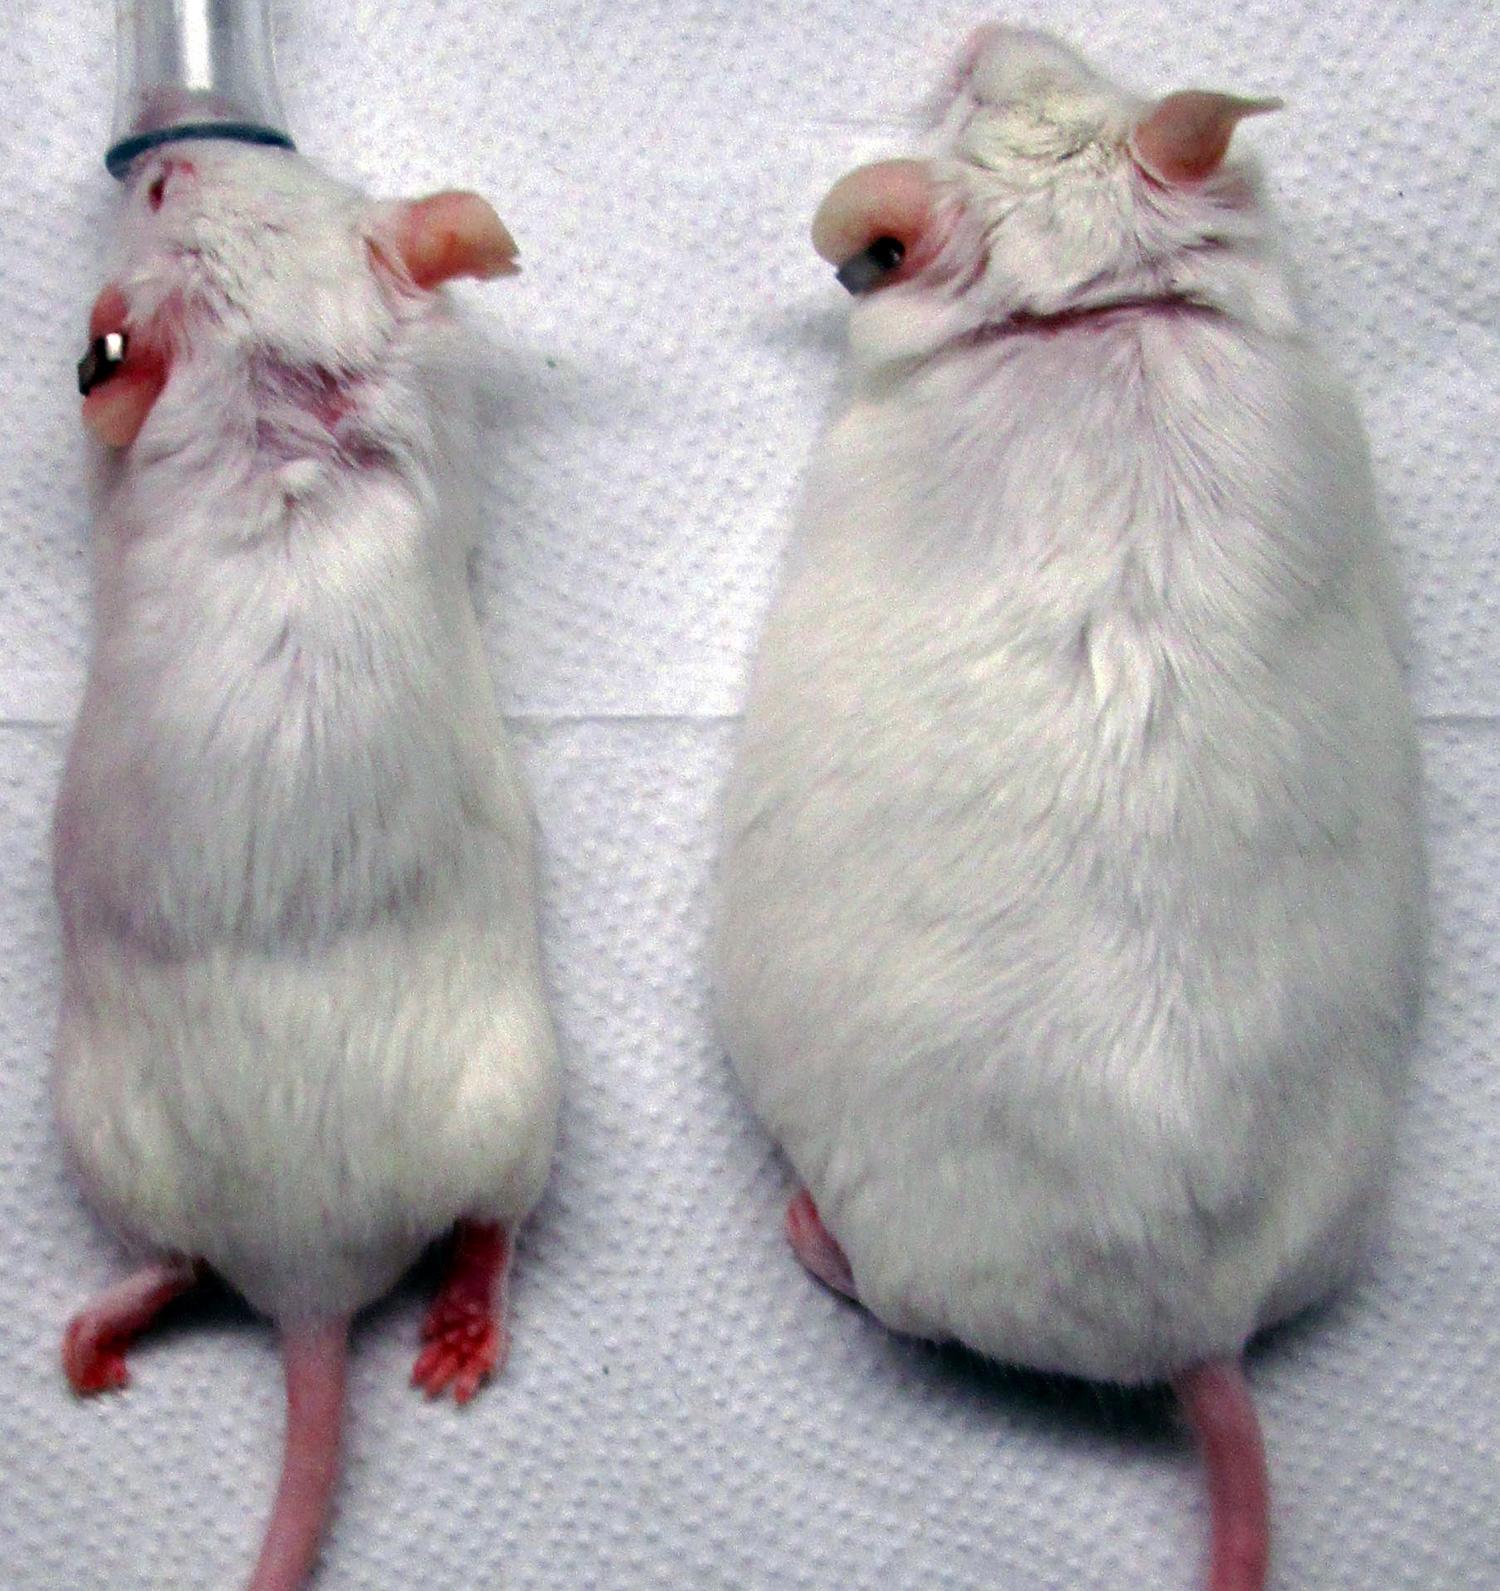 Мыши из экспериментальной (слева) иконтрольной (справа) групп. Видно, что животное, получившее генную терапию, набрало существенно меньше веса.